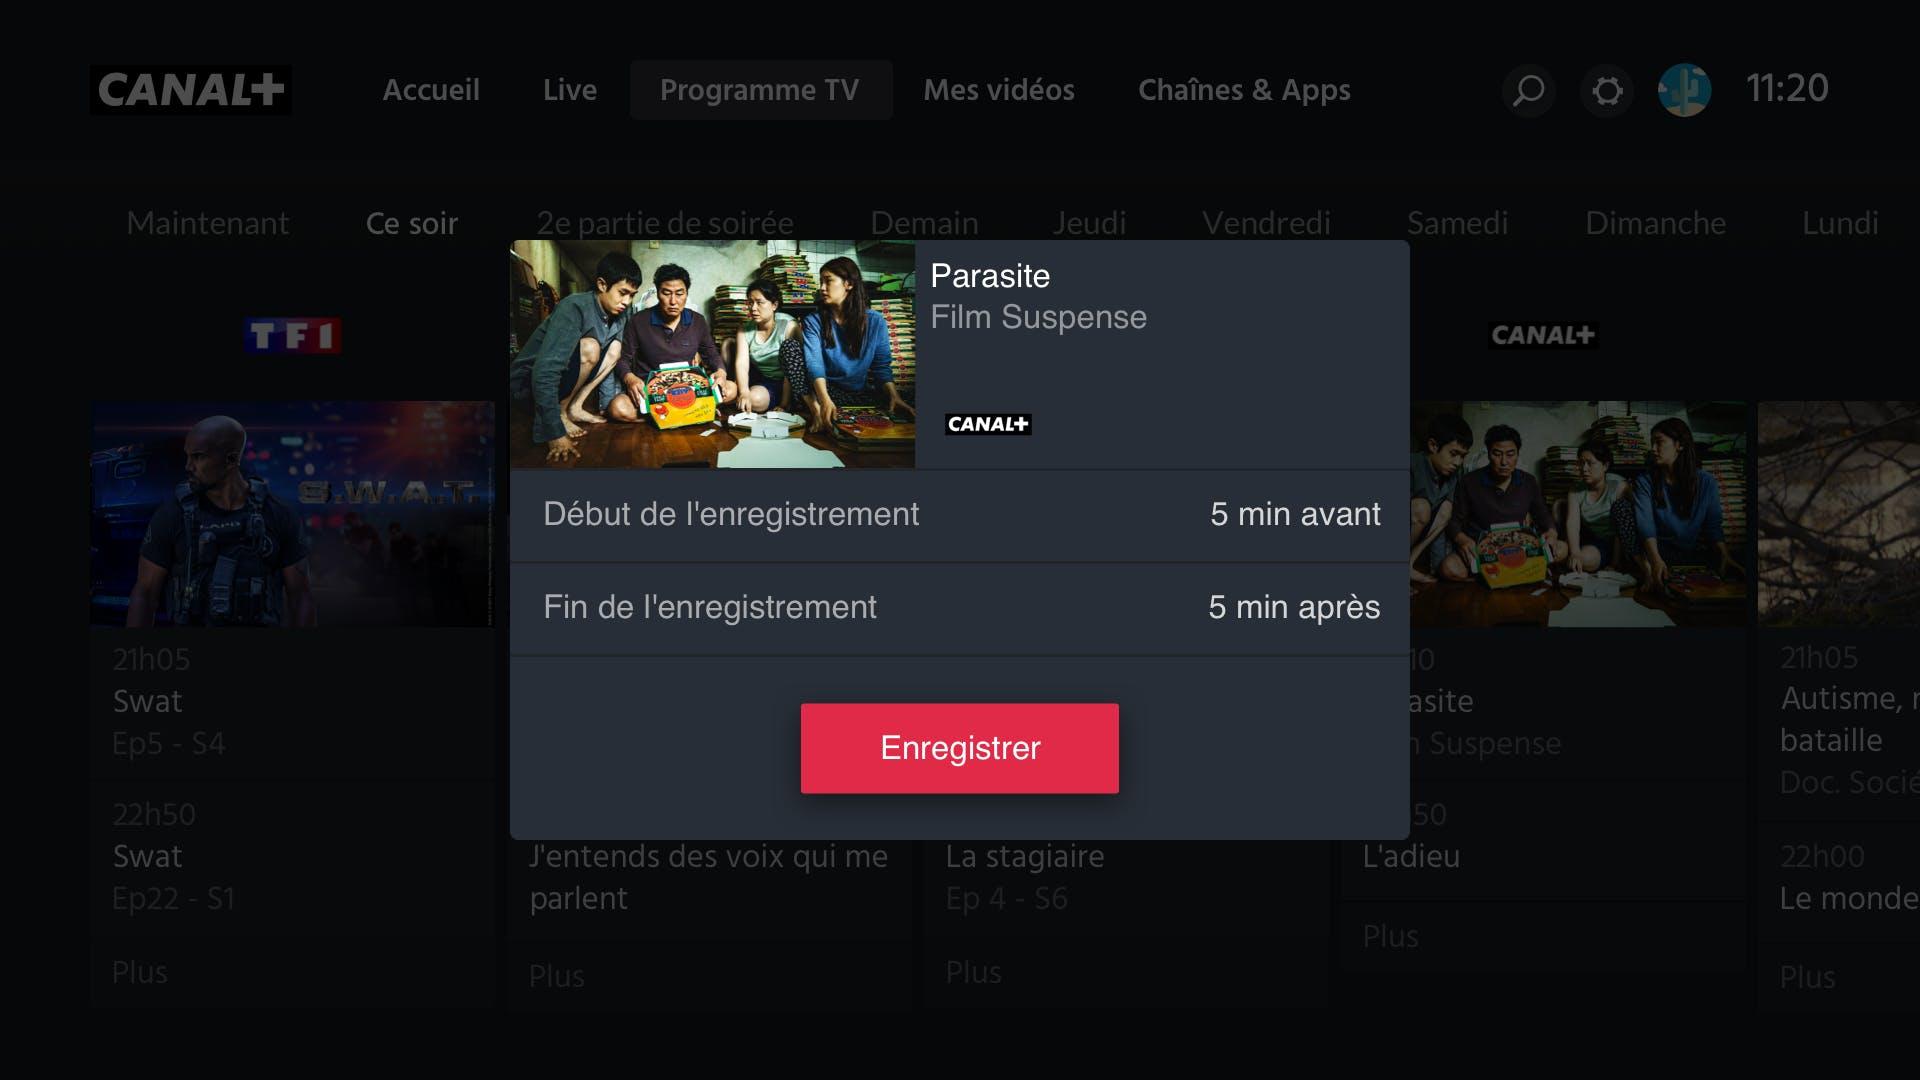 011-PVR Suisse - Programme TV - Pop in Enregistrement CANAL+.png